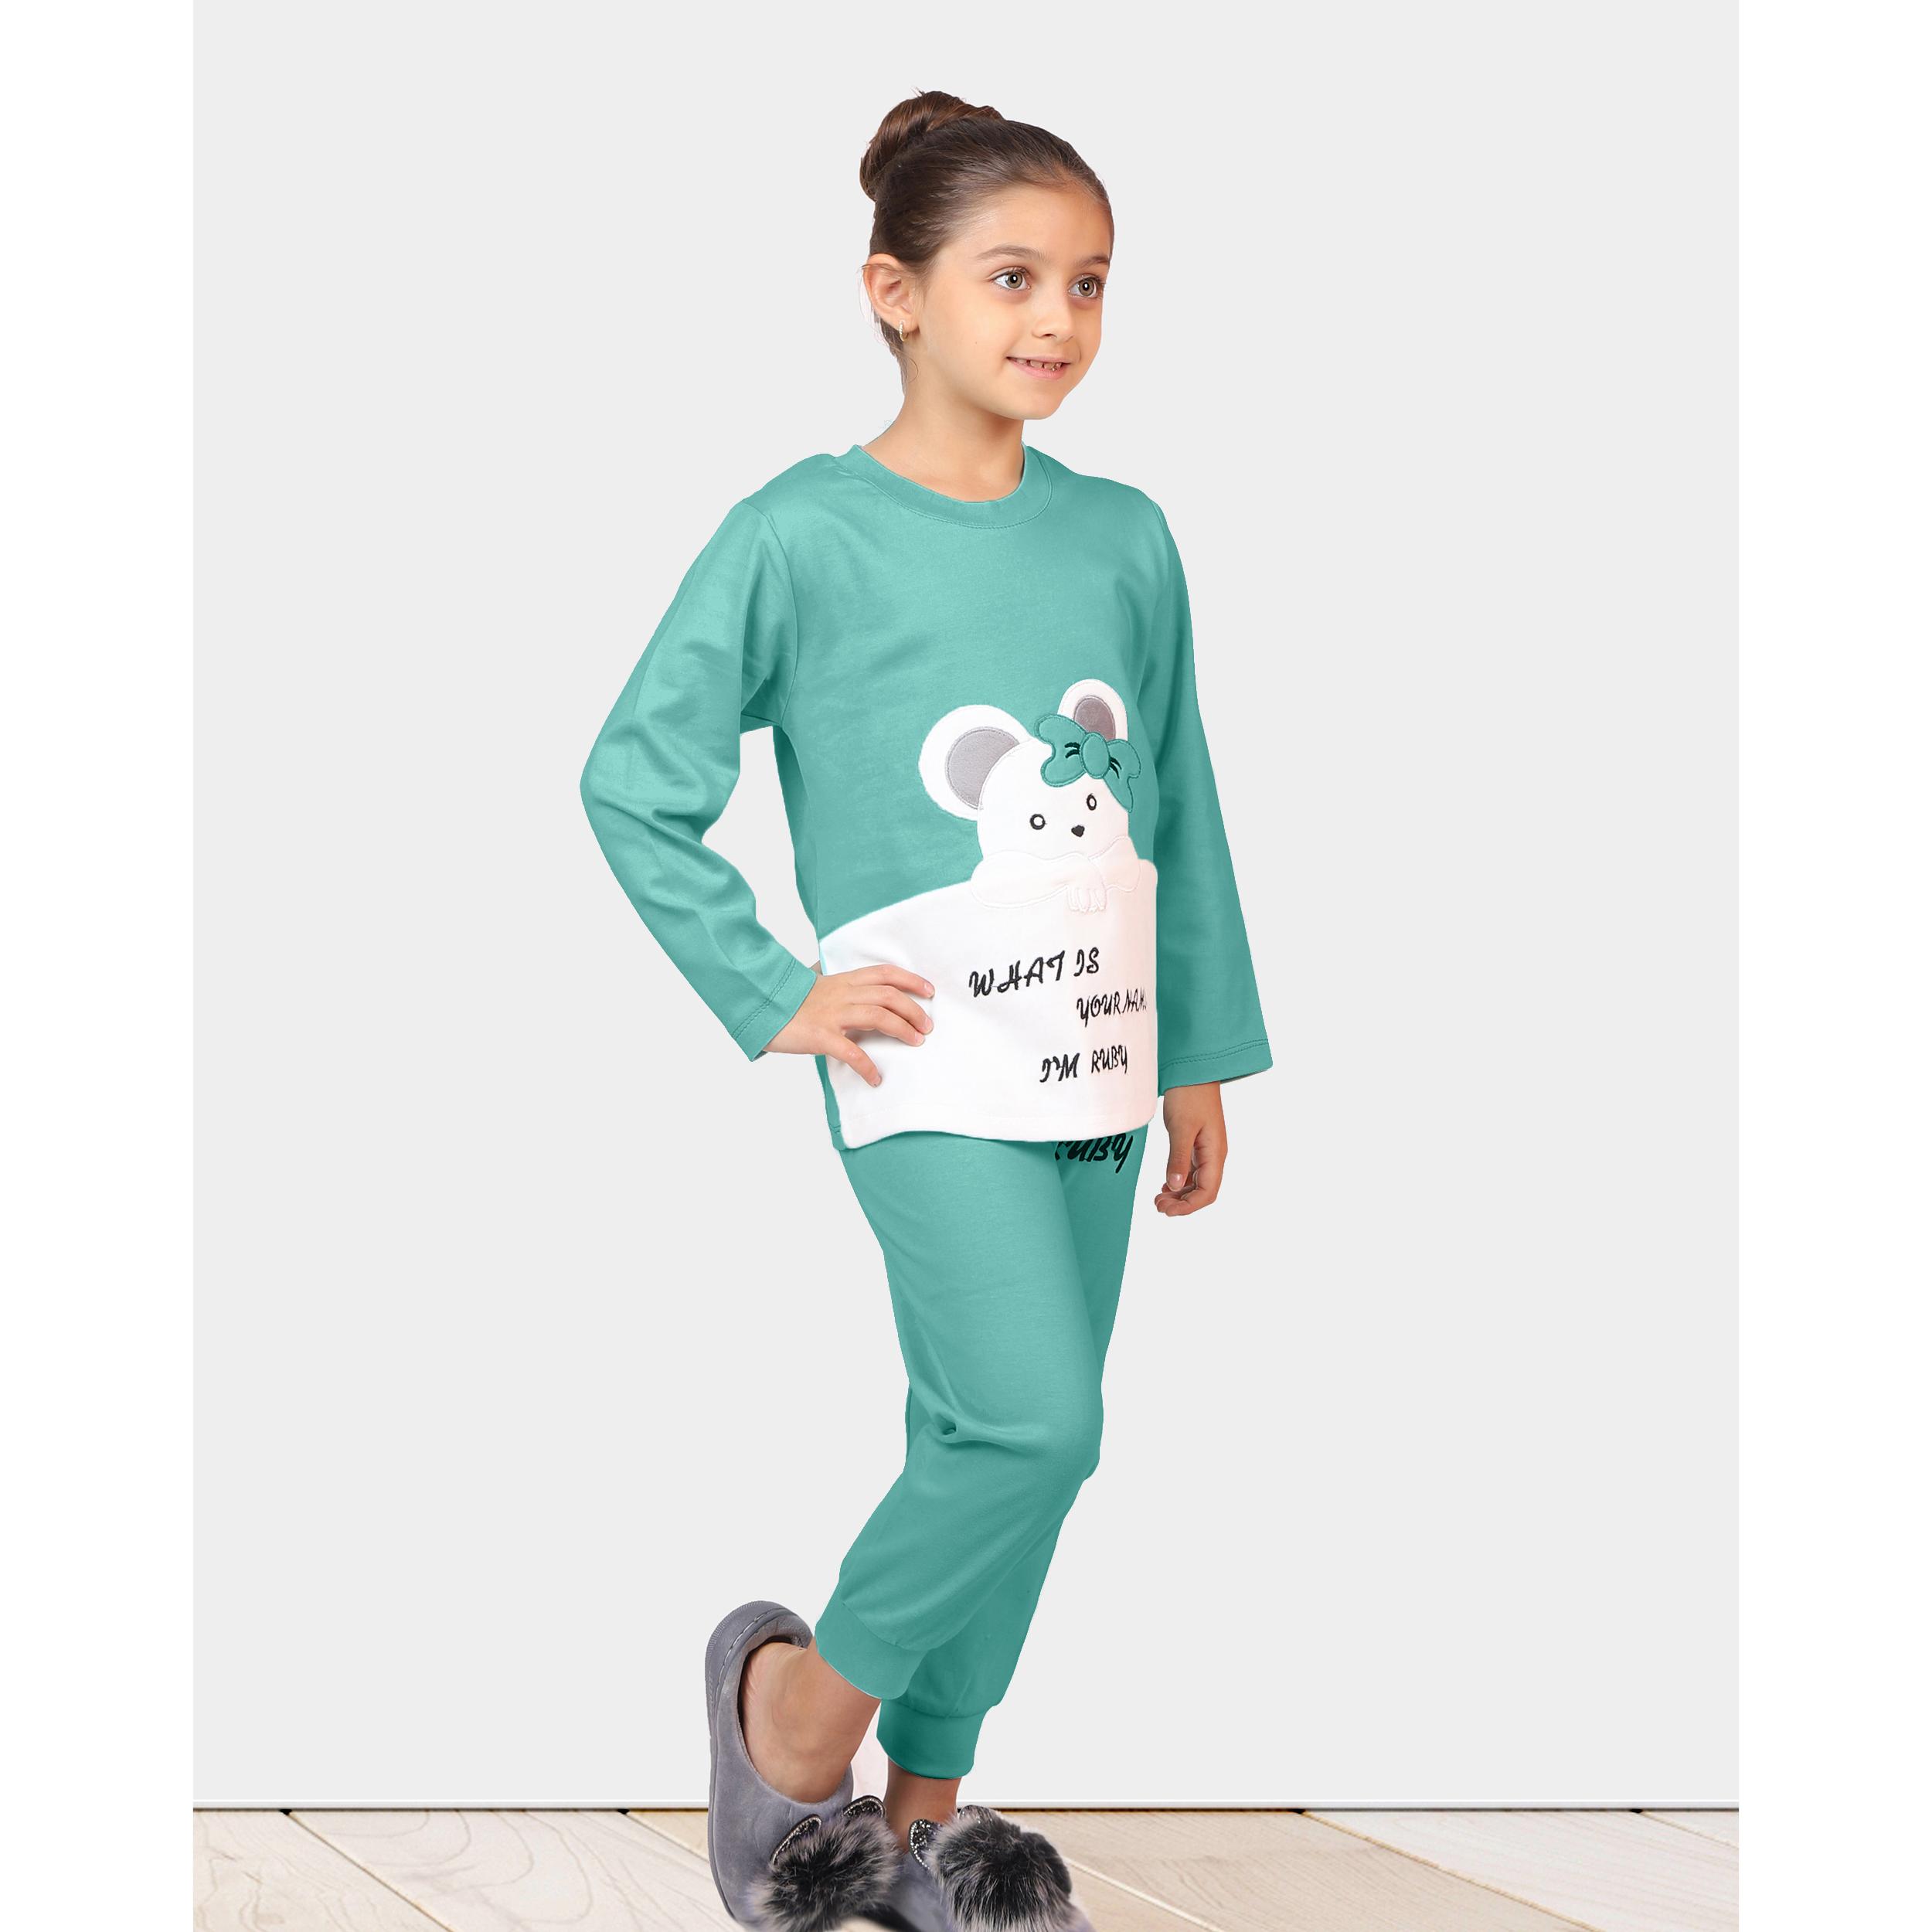 ست تی شرت و شلوار دخترانه مادر مدل 301-54 main 1 12